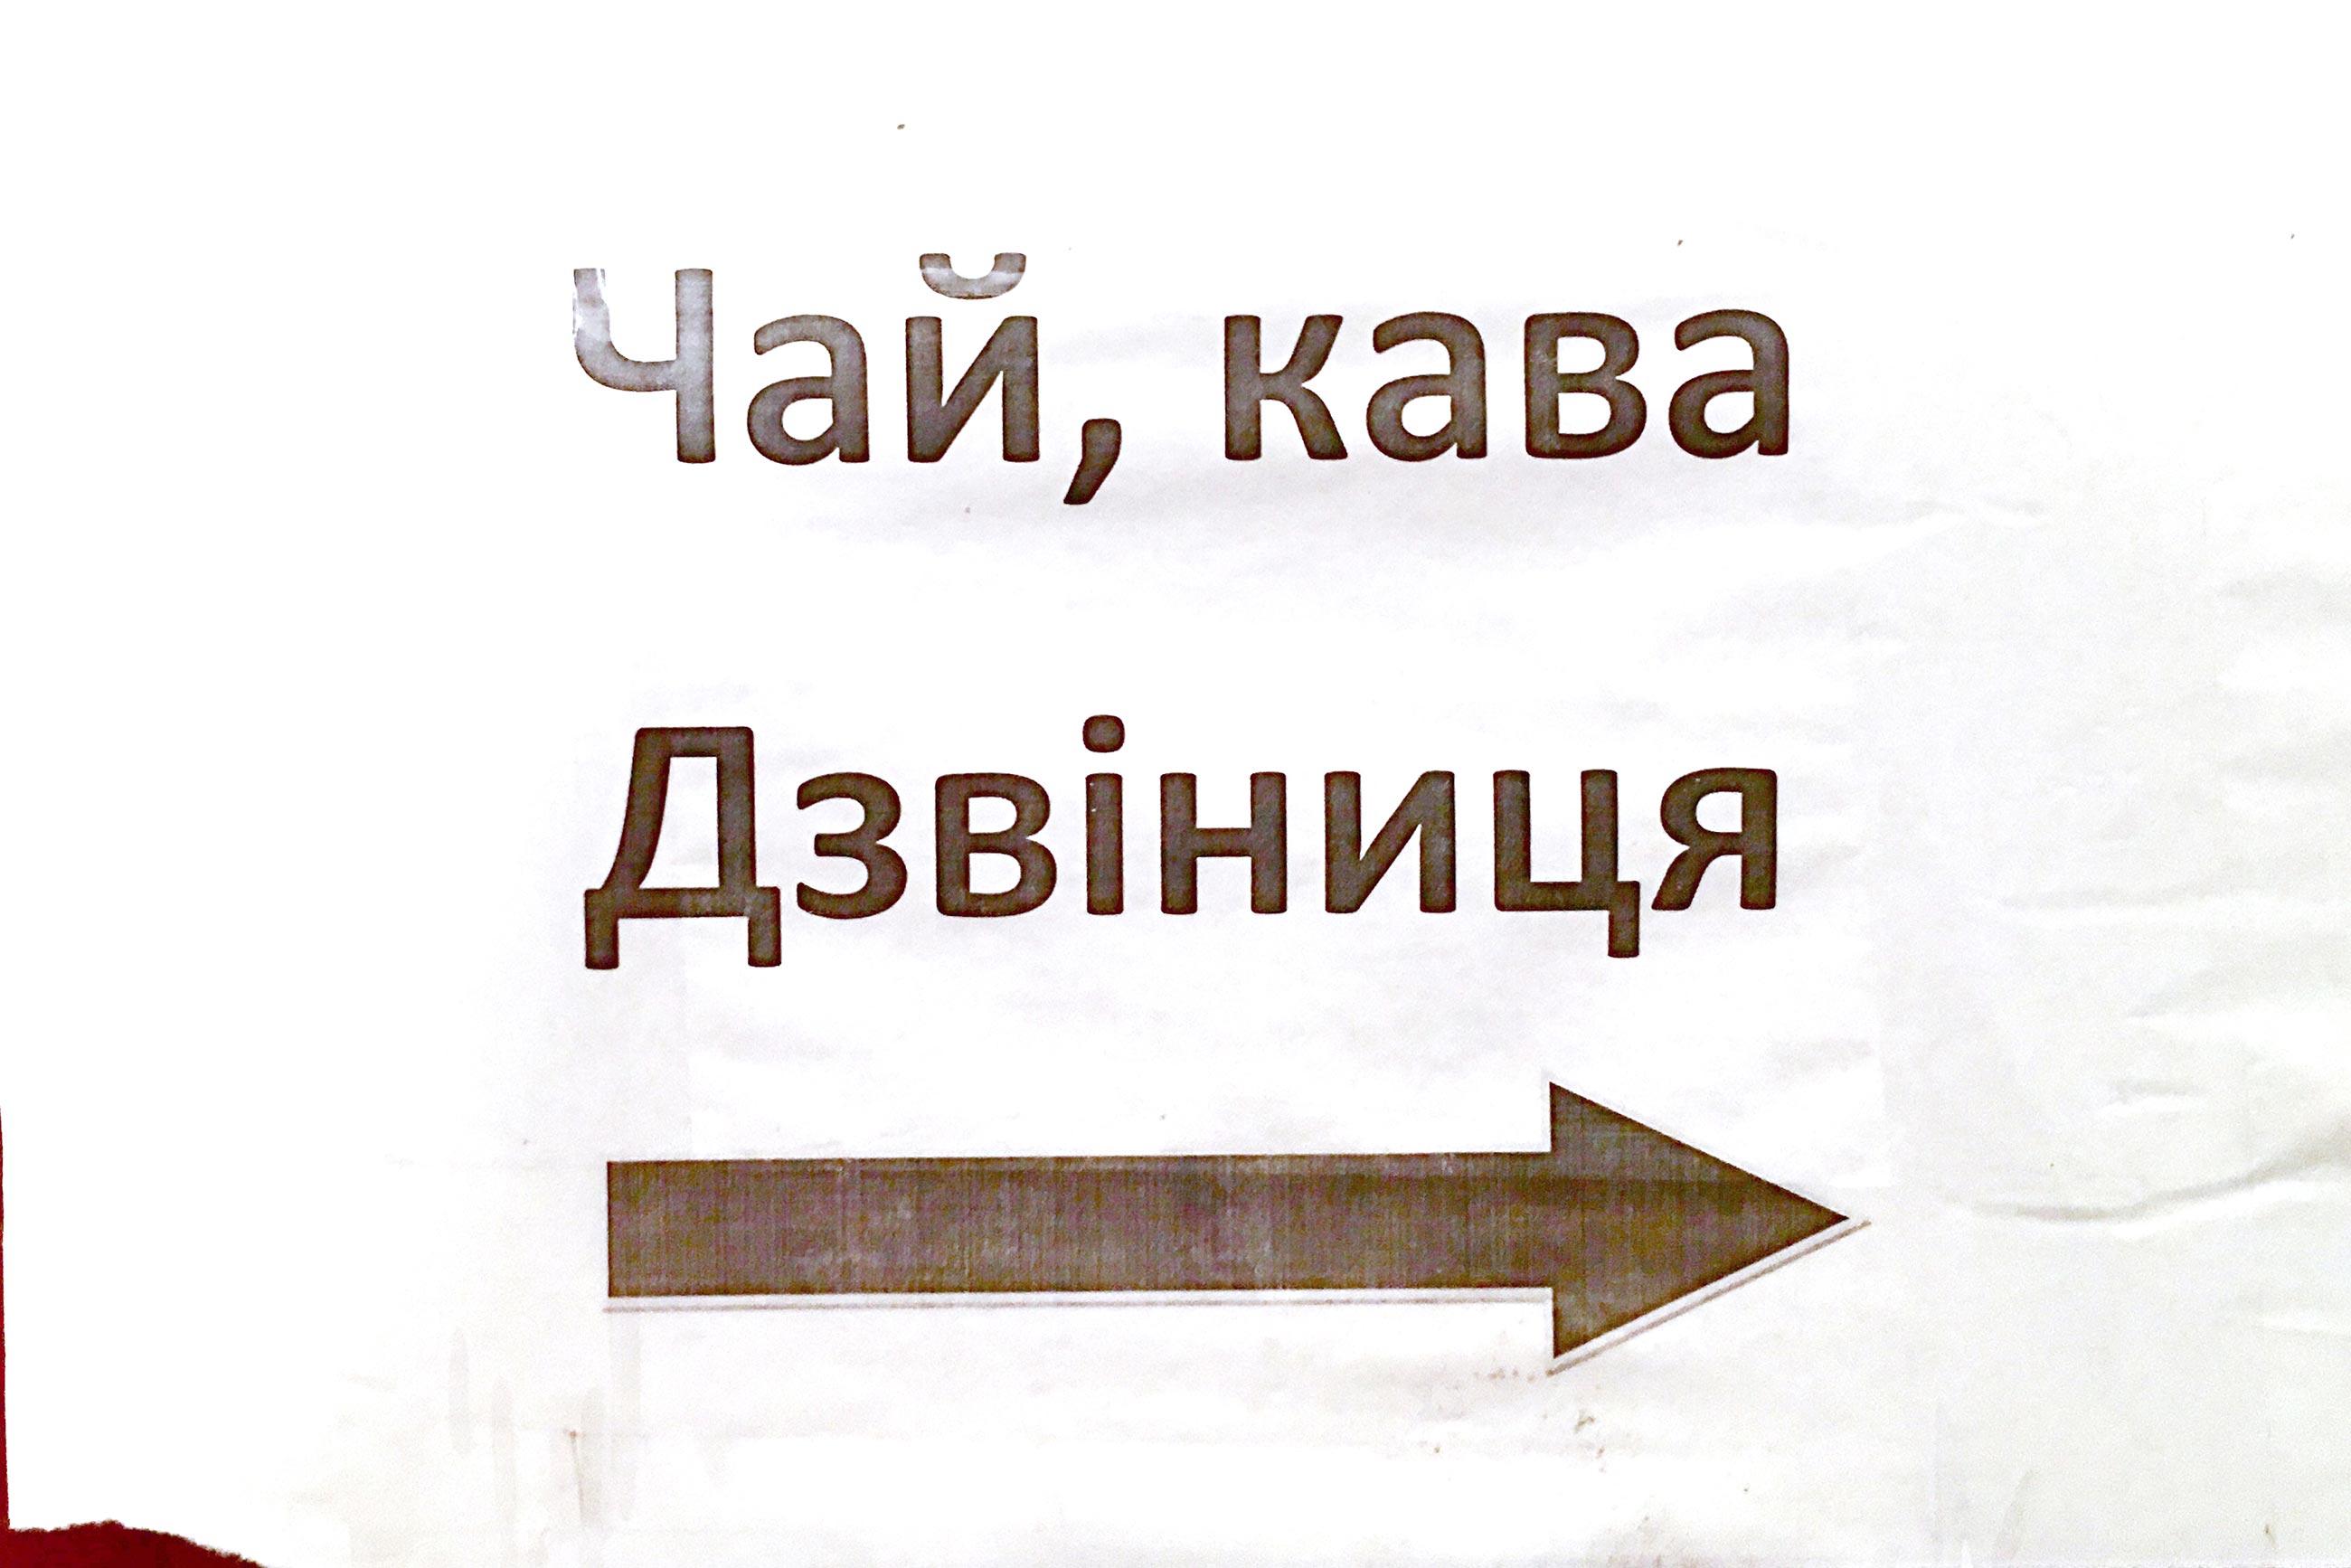 subach poliakov zarvanytsya 42 - <b>Чай, кофе, колокольня.</b> Елена Субач и Вячеслав Поляков — в «Уровне цензуры» - Заборона